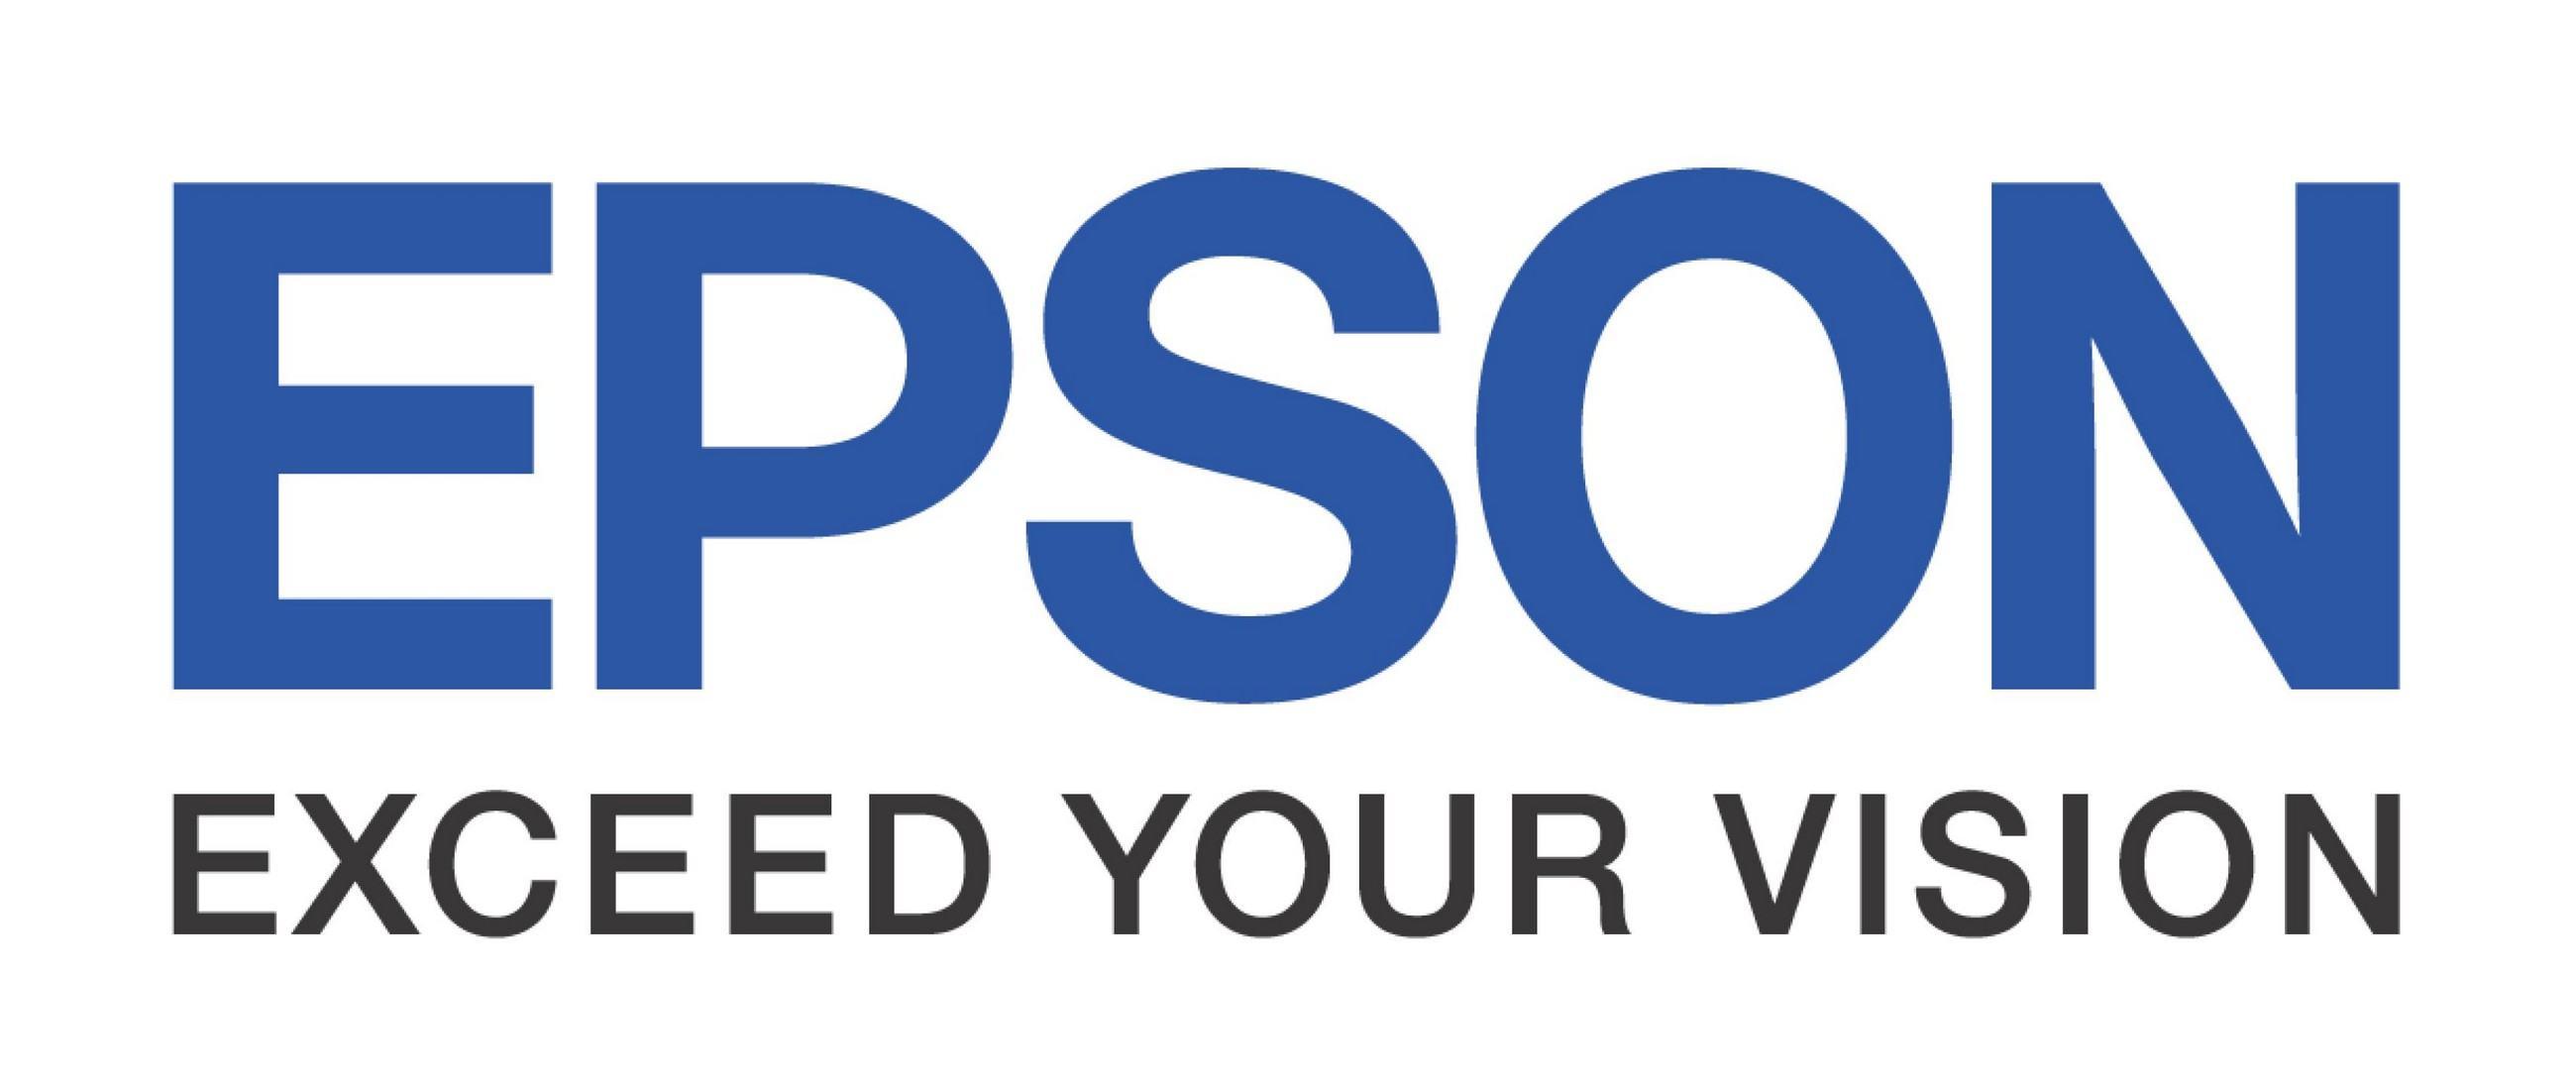 Risultati immagini per epson logo